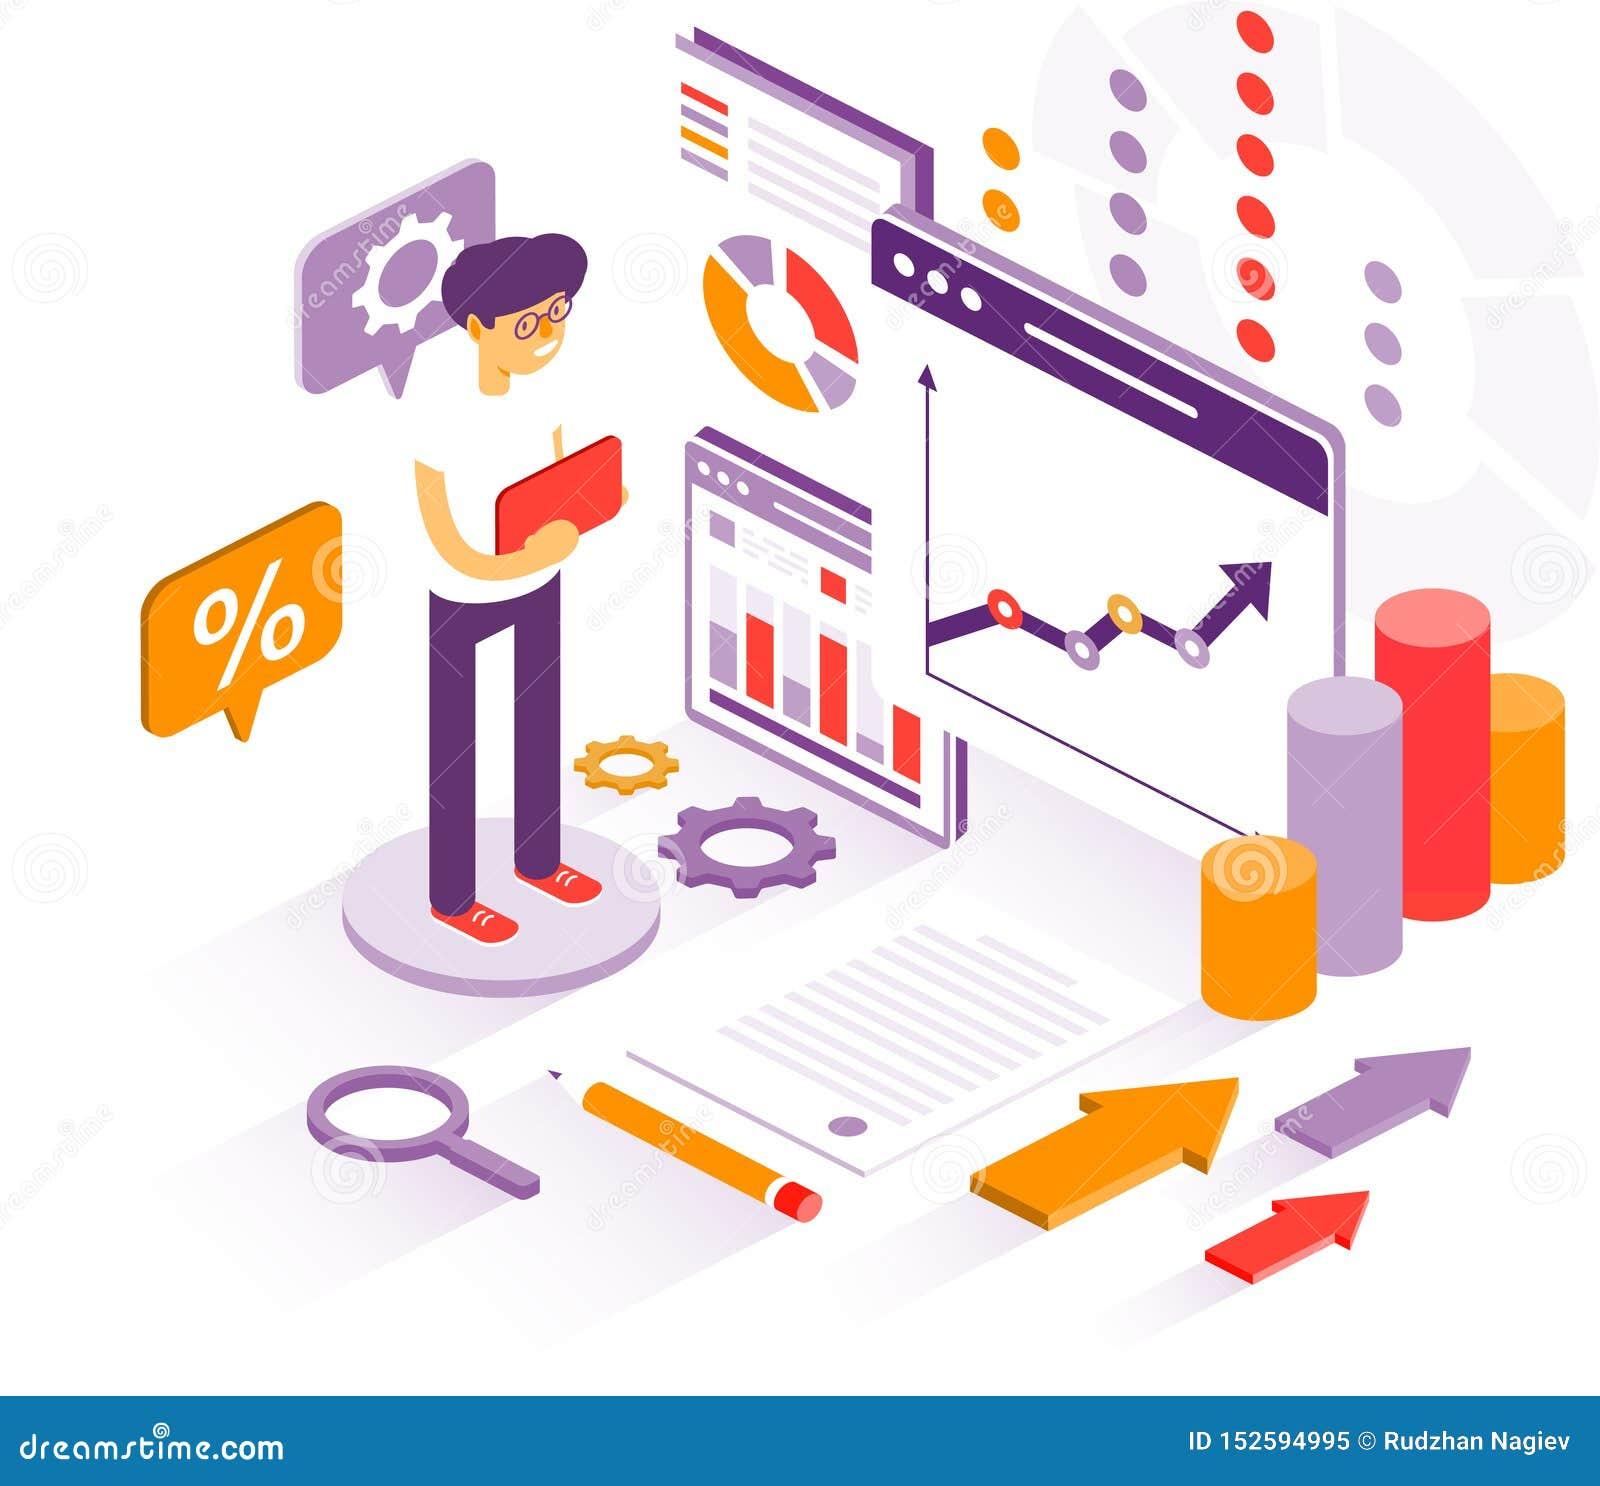 Ο επιχειρηματίας μελετά τις γραφικές παραστάσεις για την έκθεση Ετήσια έκθεση IFRS GAAP KPI